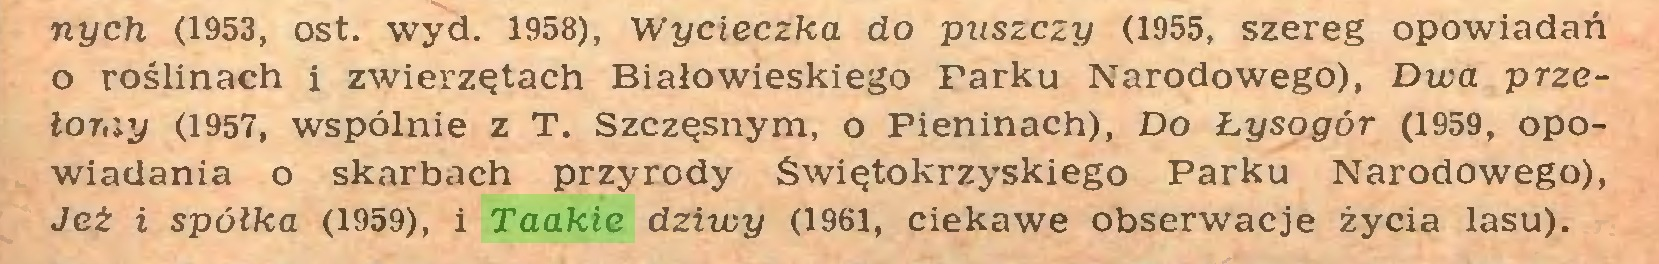 (...) nych (1953, ost. wyd. 1958), Wycieczka do puszczy (1955, szereg opowiadań o roślinach i zwierzętach Białowieskiego Farku Narodowego), Dwa przełomy (1957, wspólnie z T. Szczęsnym, o Pieninach), Do Łysogór (1959, opowiadania o skarbach przyrody Świętokrzyskiego Parku Narodowego), Jeż i spółka (1959), i Taakie dziwy (1961, ciekawe obserwacje życia lasu)...